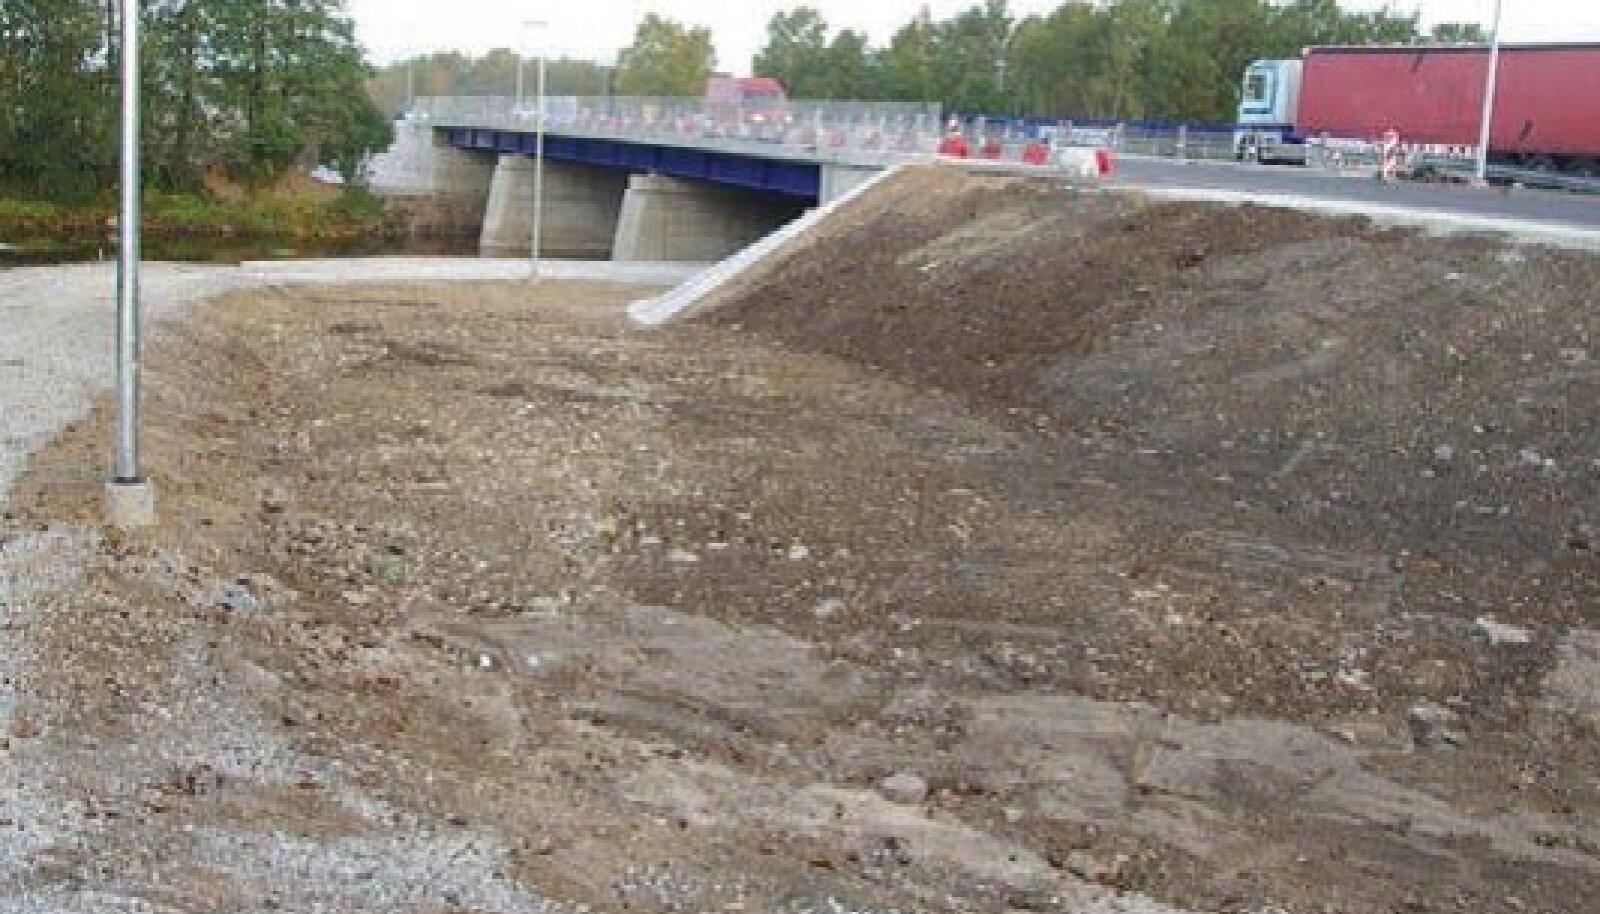 Kergliiklustee kulgeb osaliselt ka silla alt.